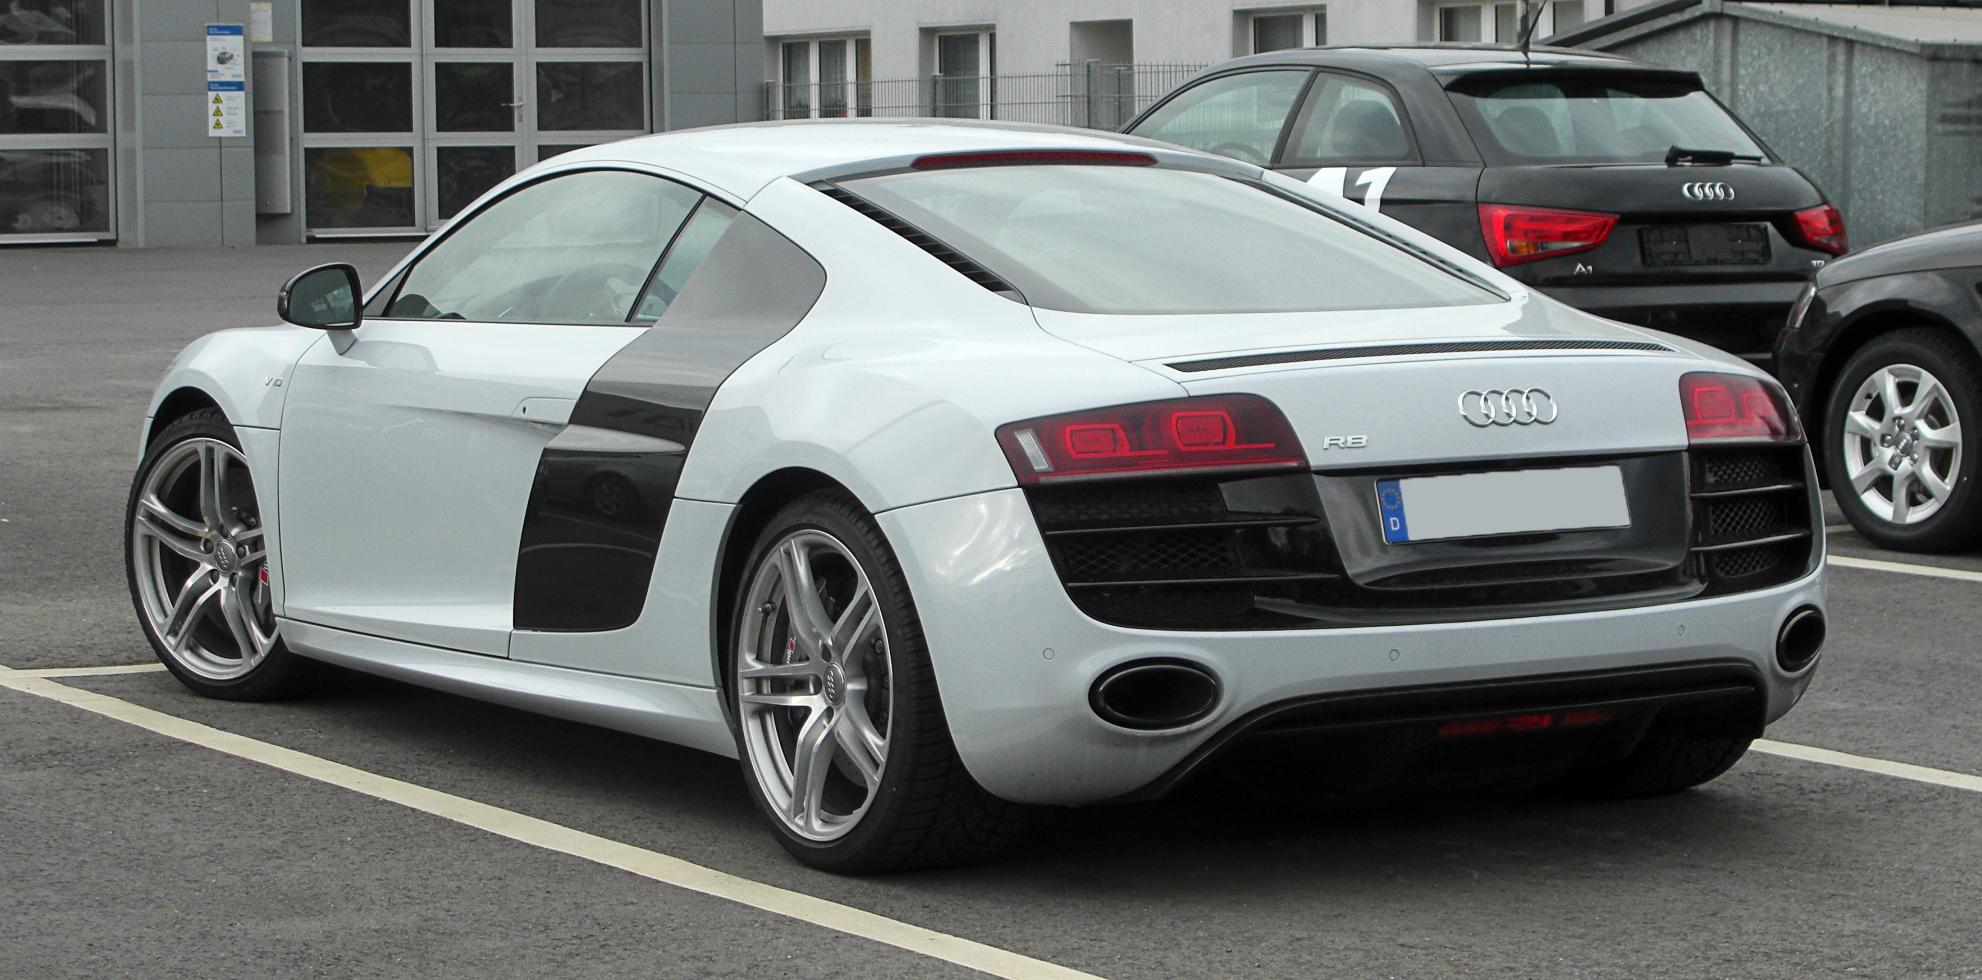 Audi_R8_V10_–_Heckansicht,_13._März_2011,_Wuppertal